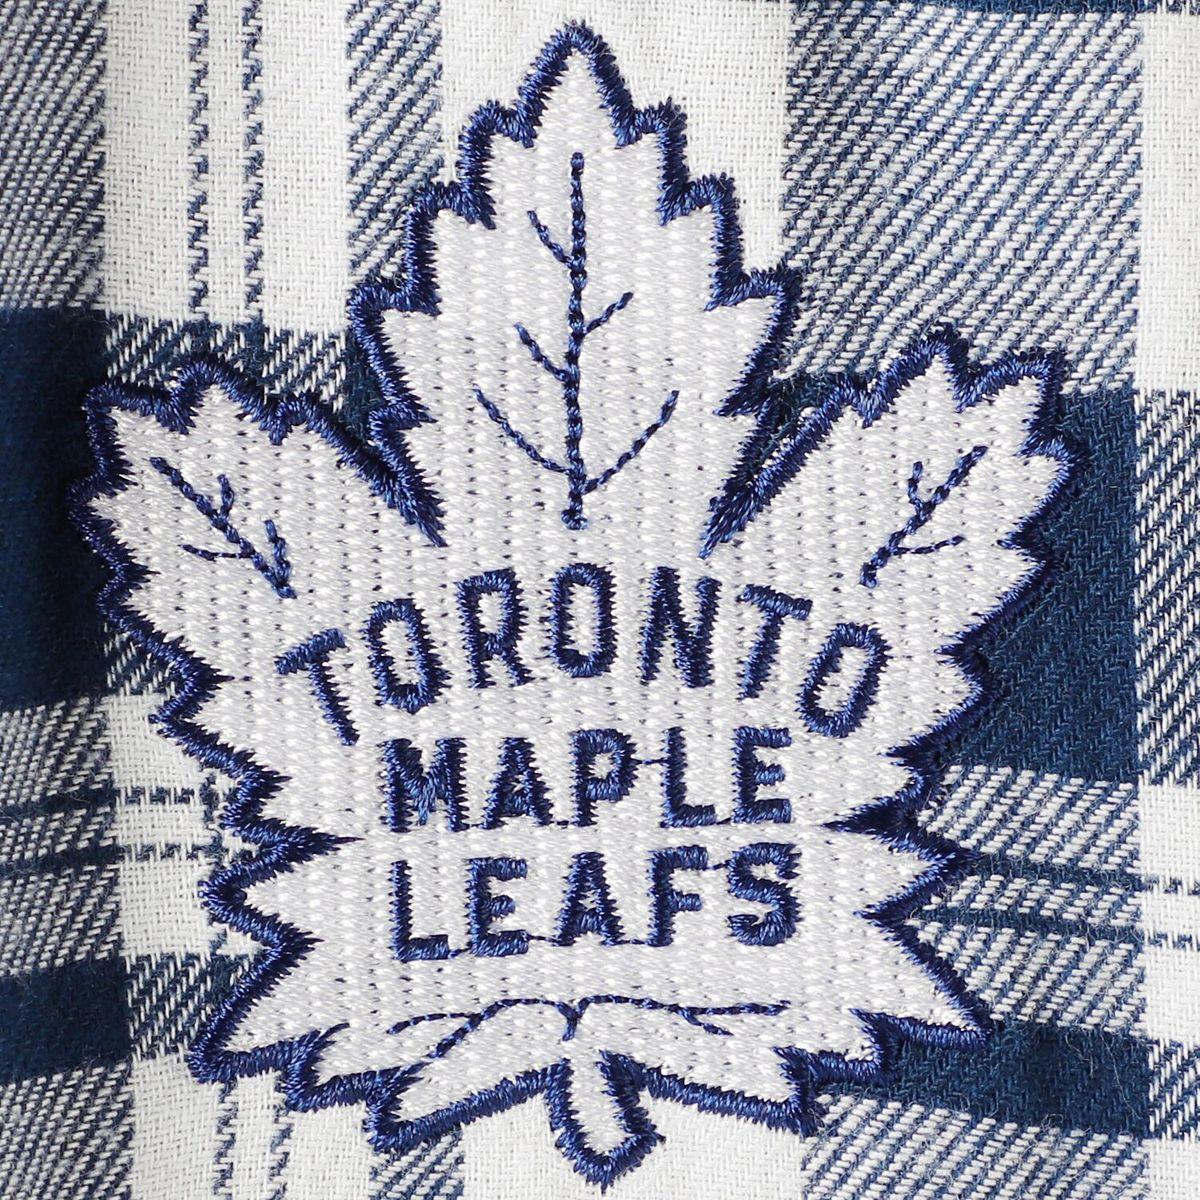 Women's Concepts Sport Navy/White Toronto Maple Leafs Piedmont Flannel Pants VuX9Y